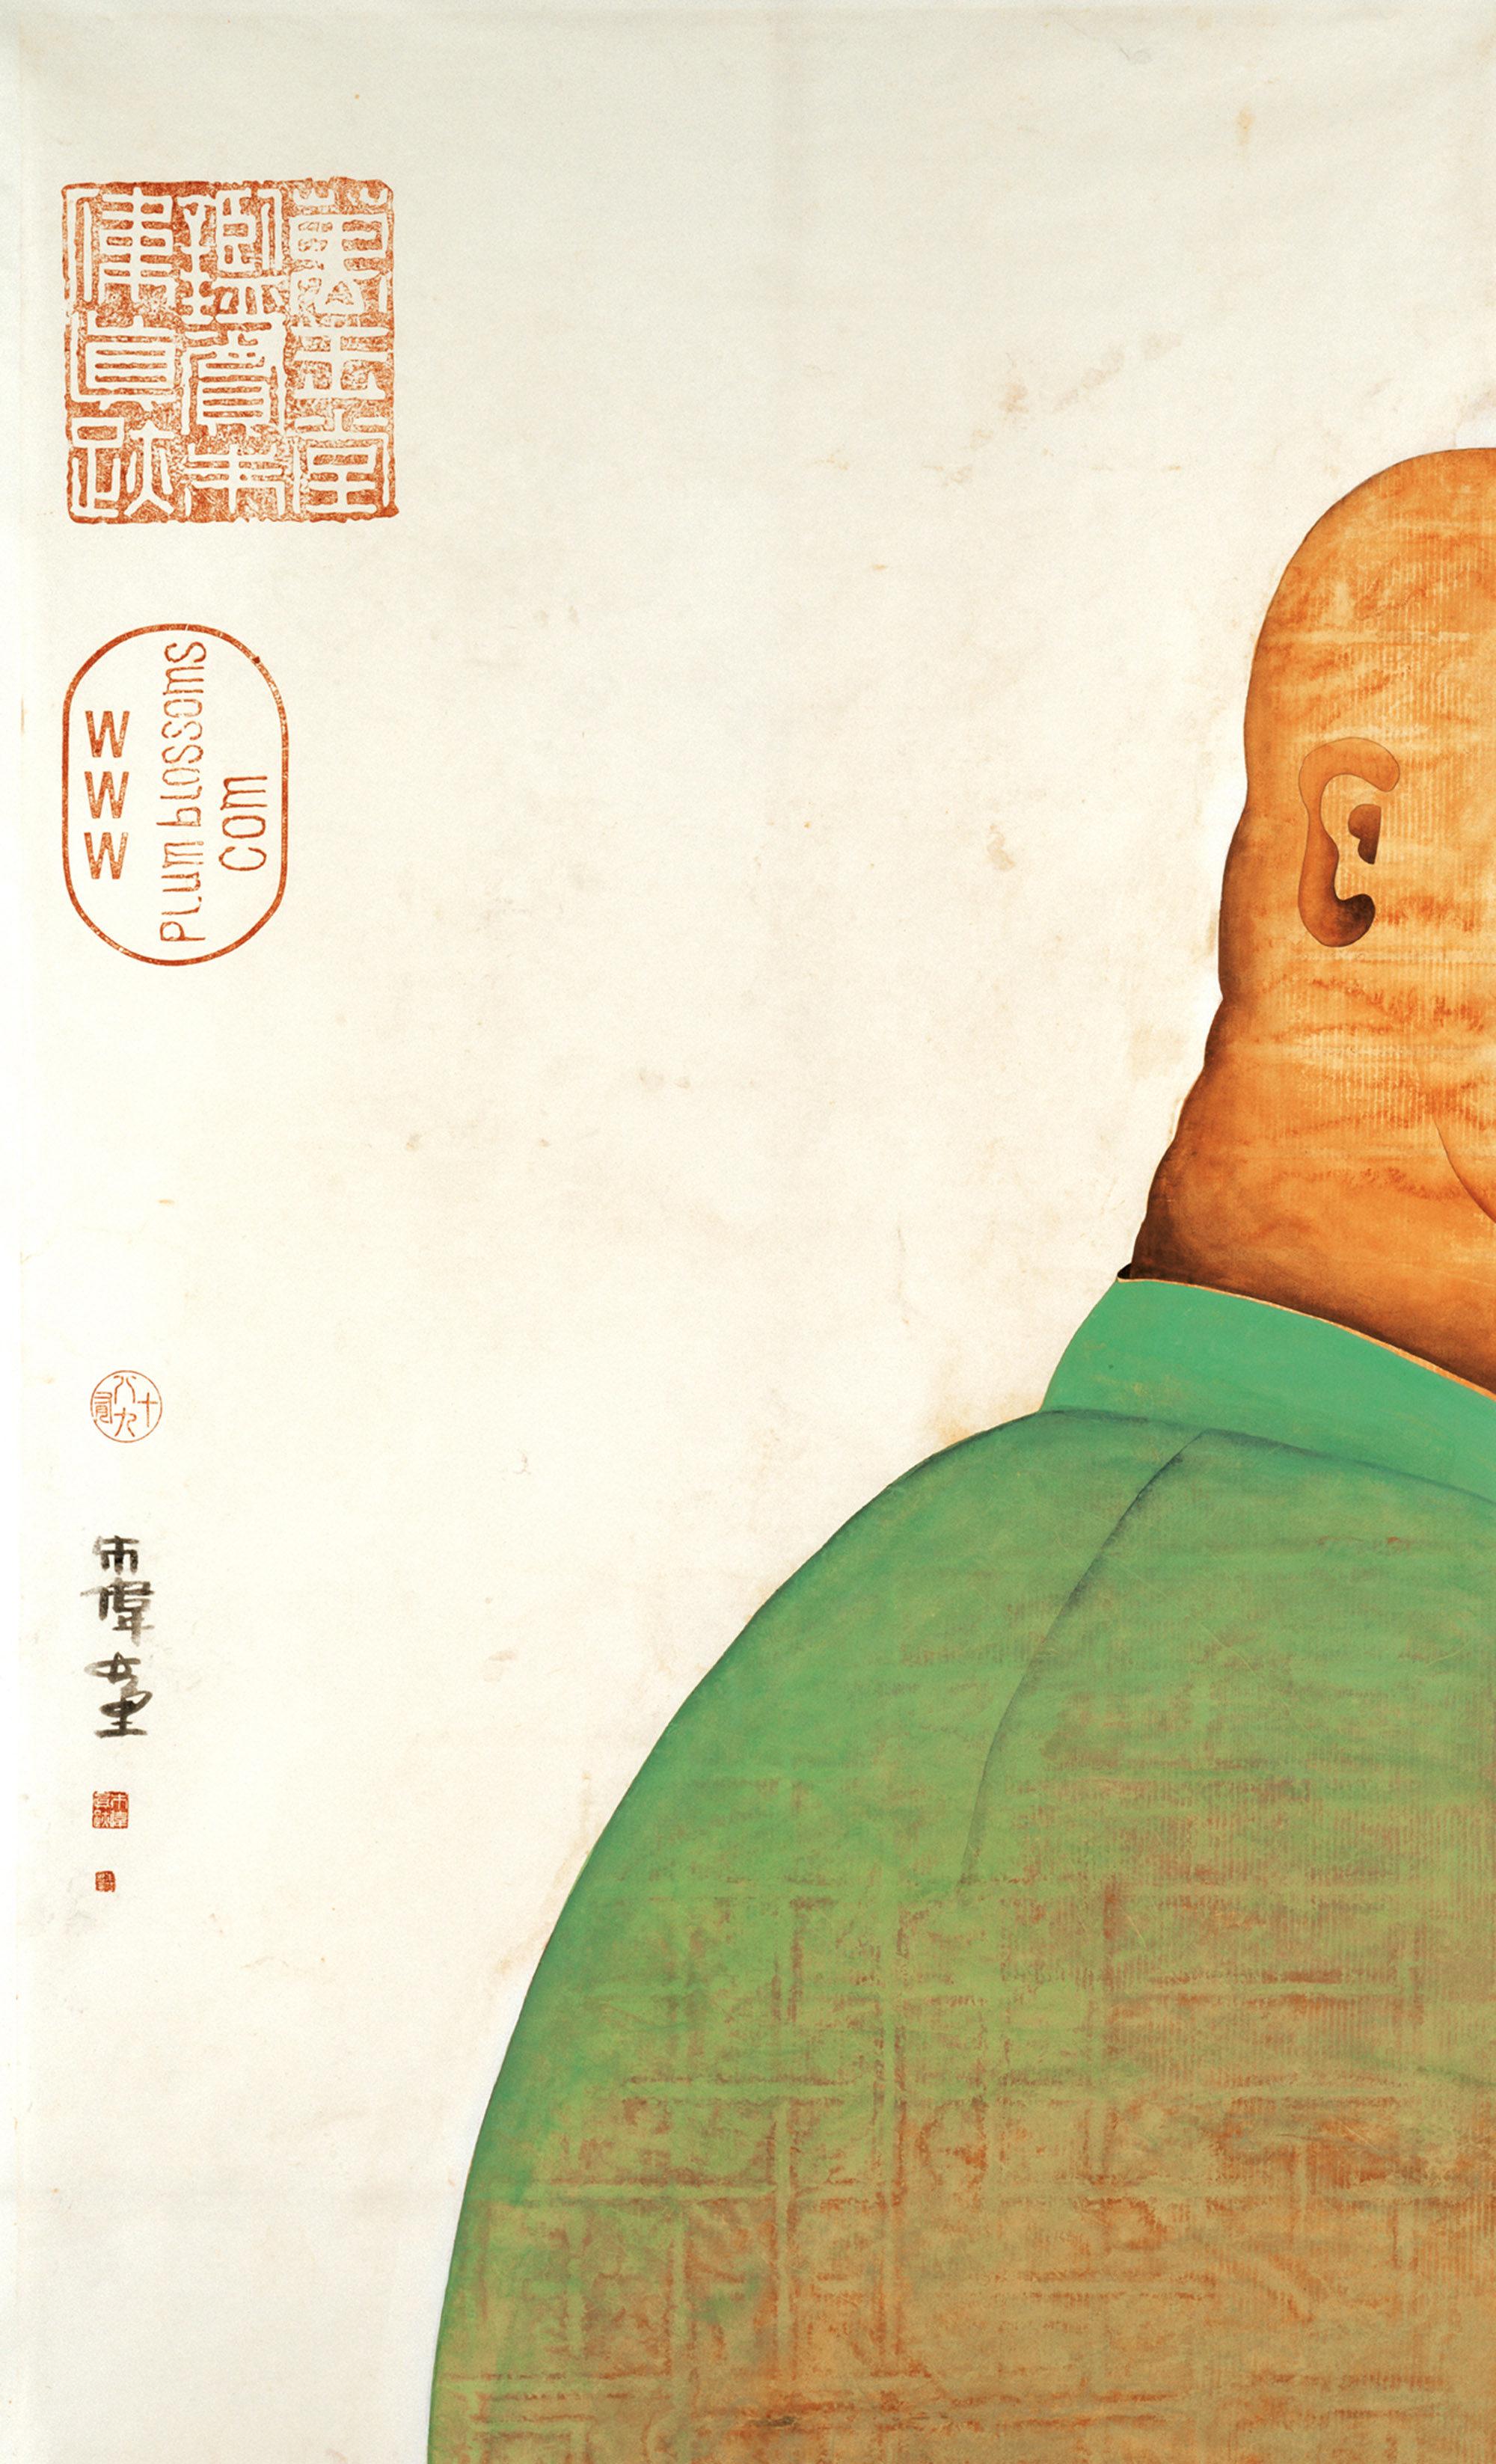 @ Zhu Wei